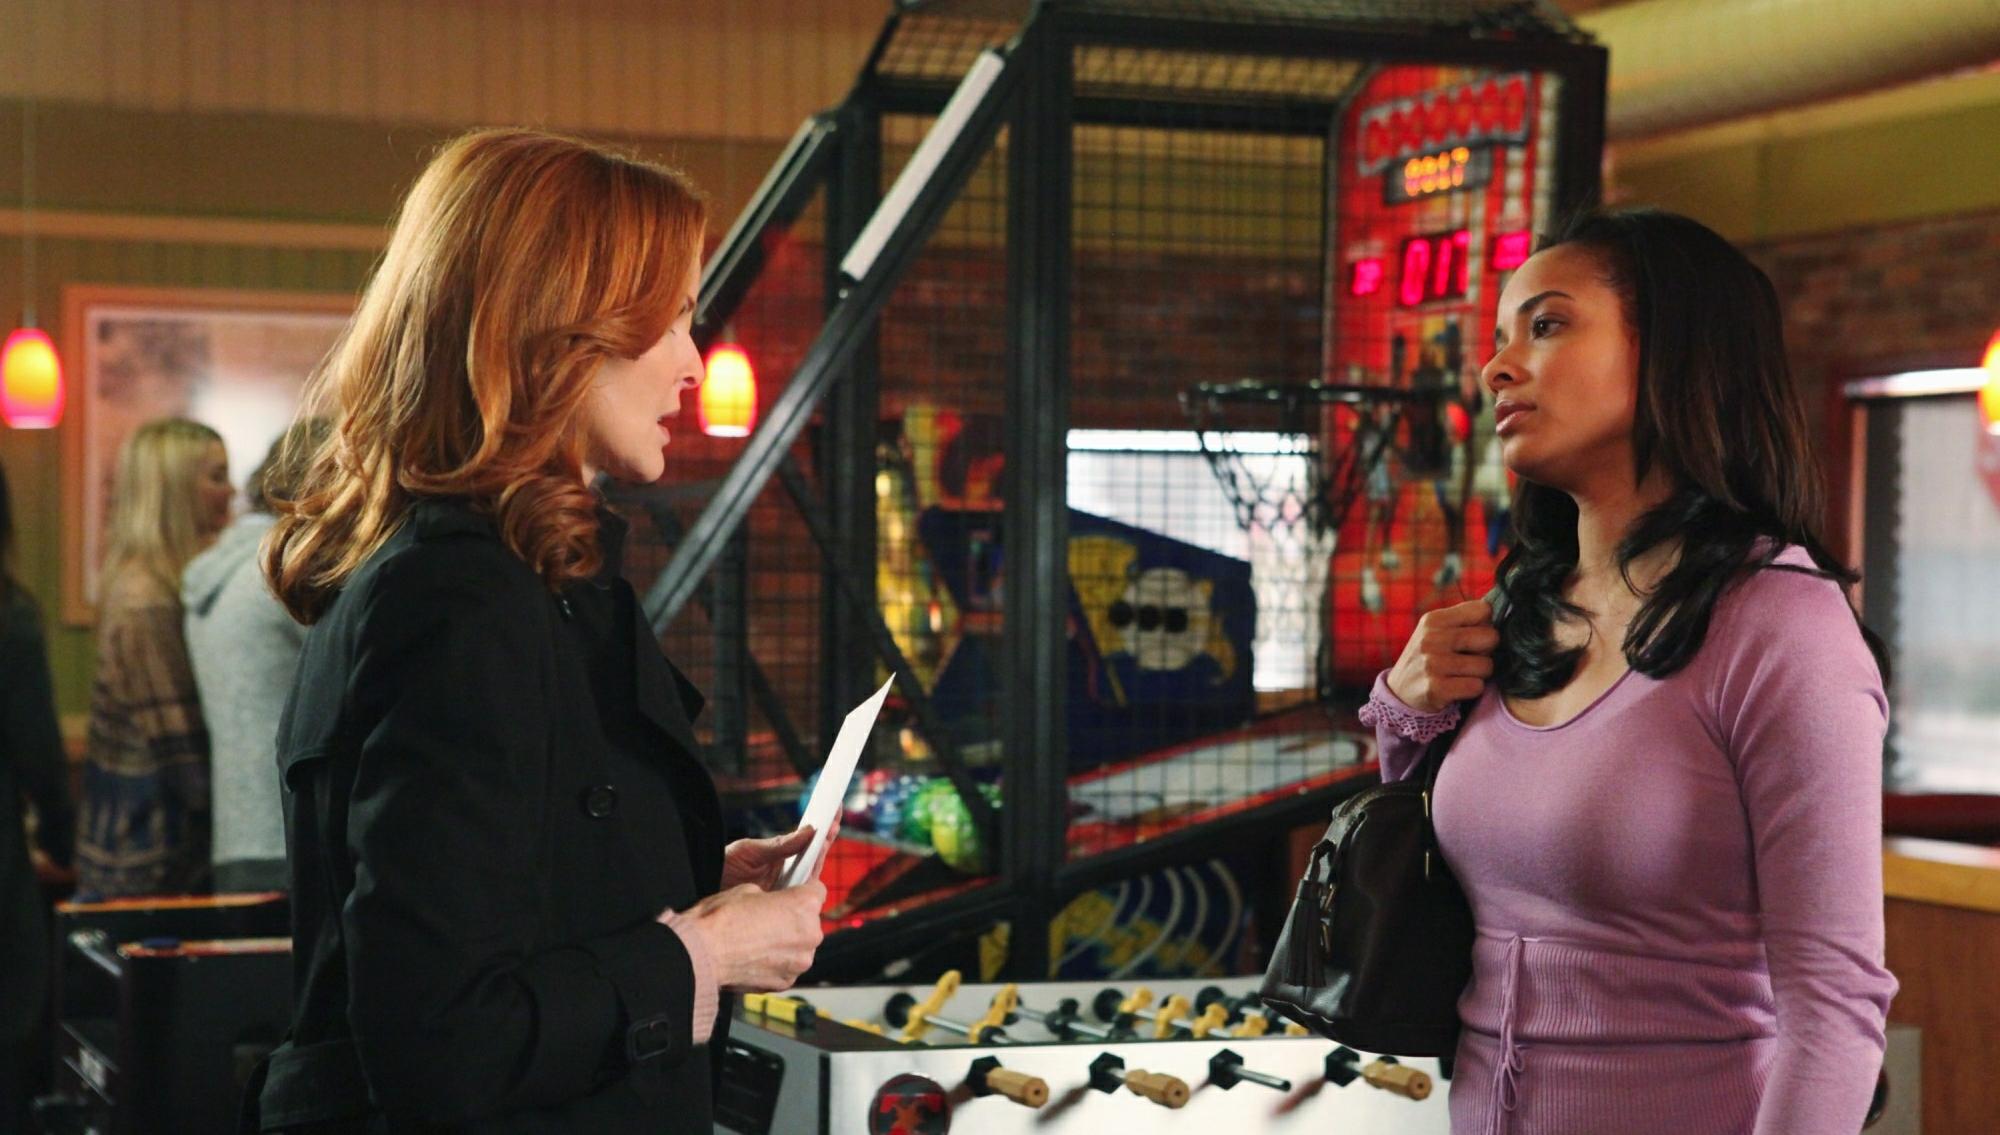 Desperate housewives season 2 episode 16 cucirca : Sexting teacher ...